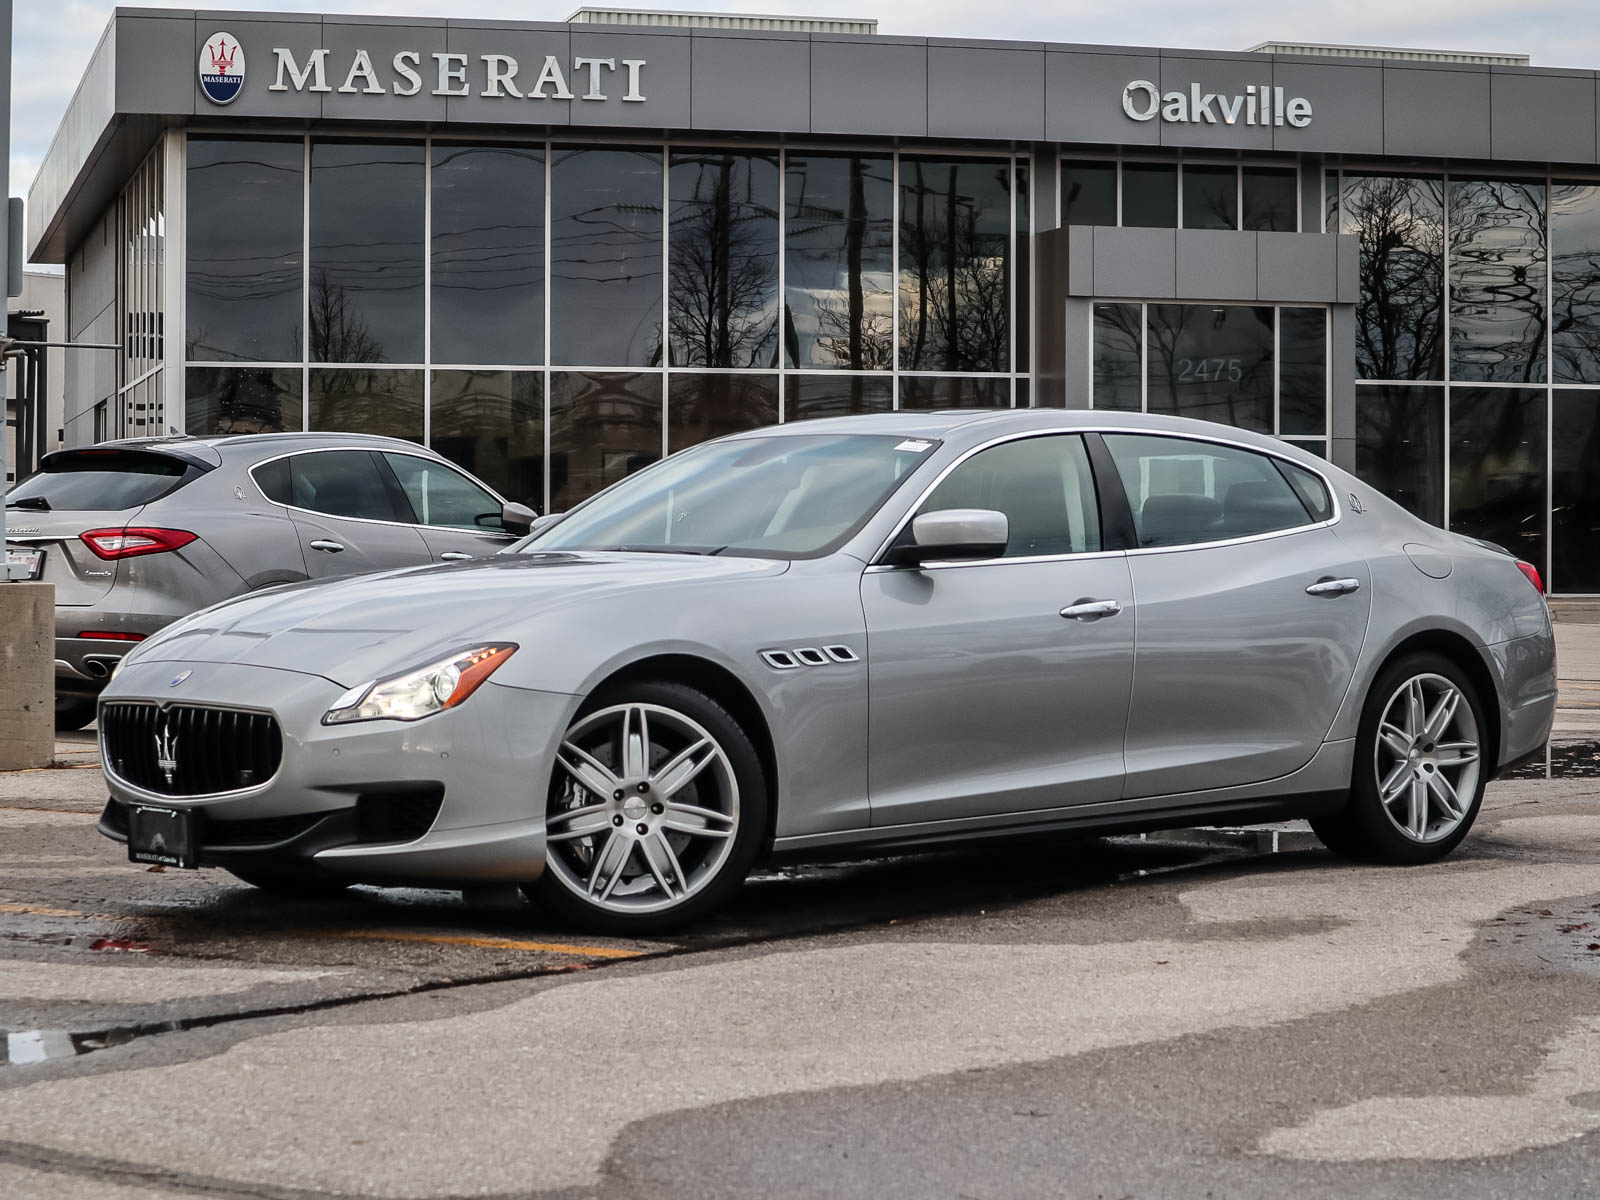 2015 Maserati Quattroporte S Q4 *Maserati Certified 2.9%*